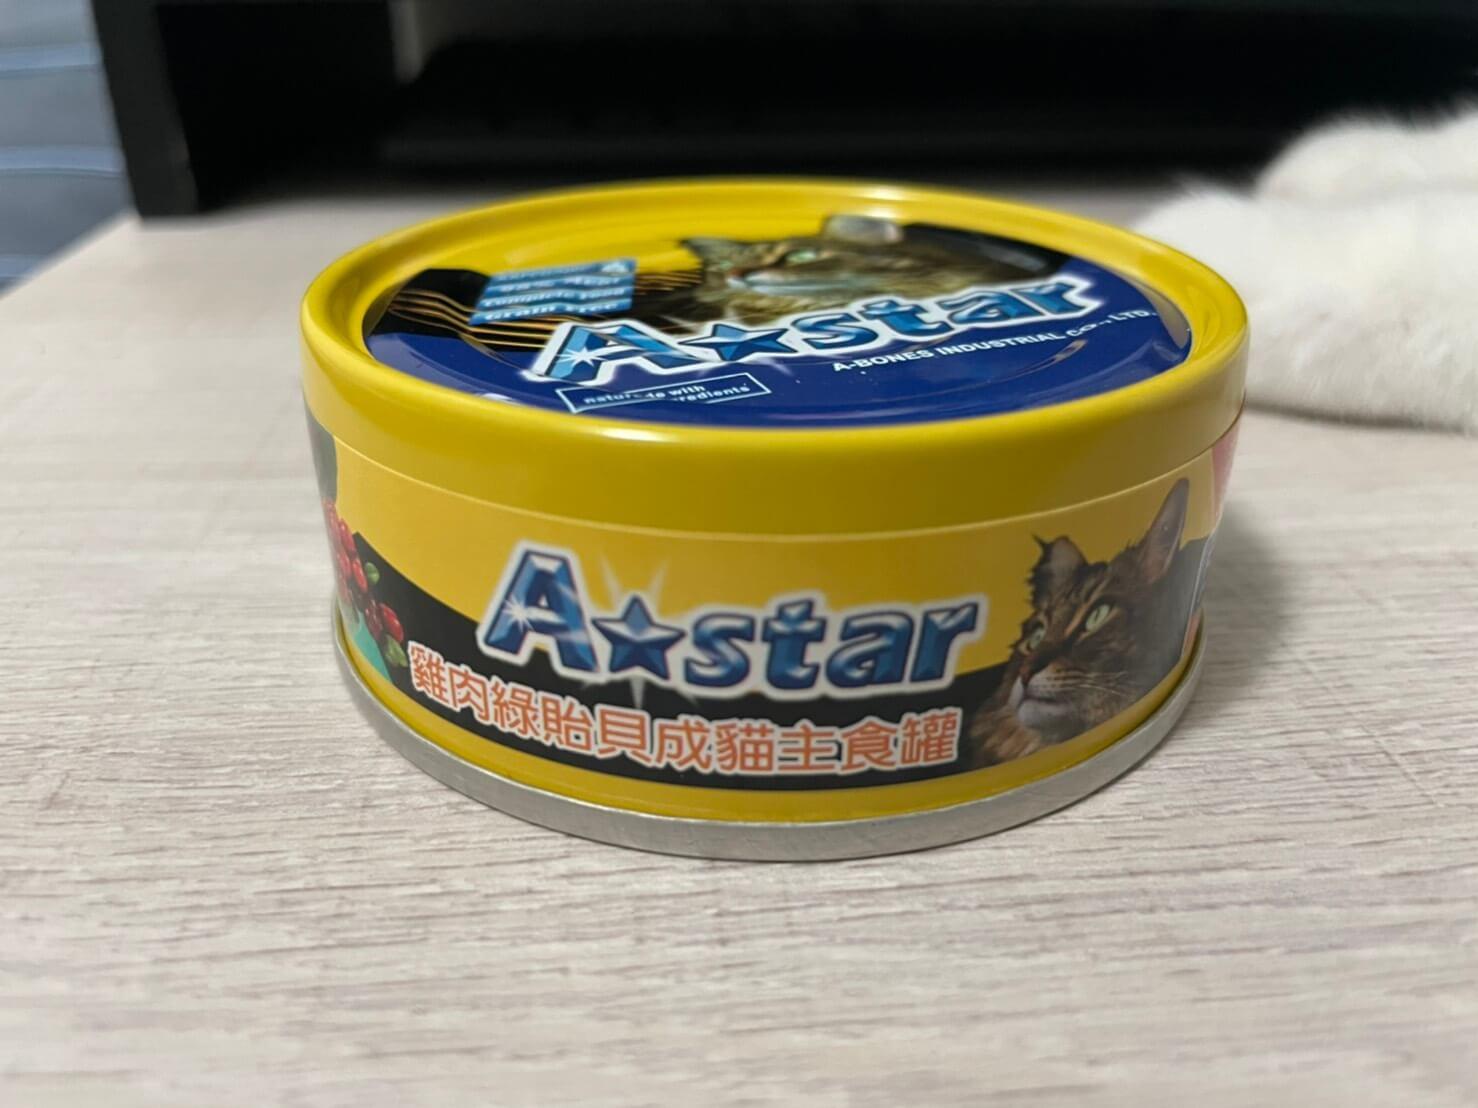 ASTAR主食罐評價2